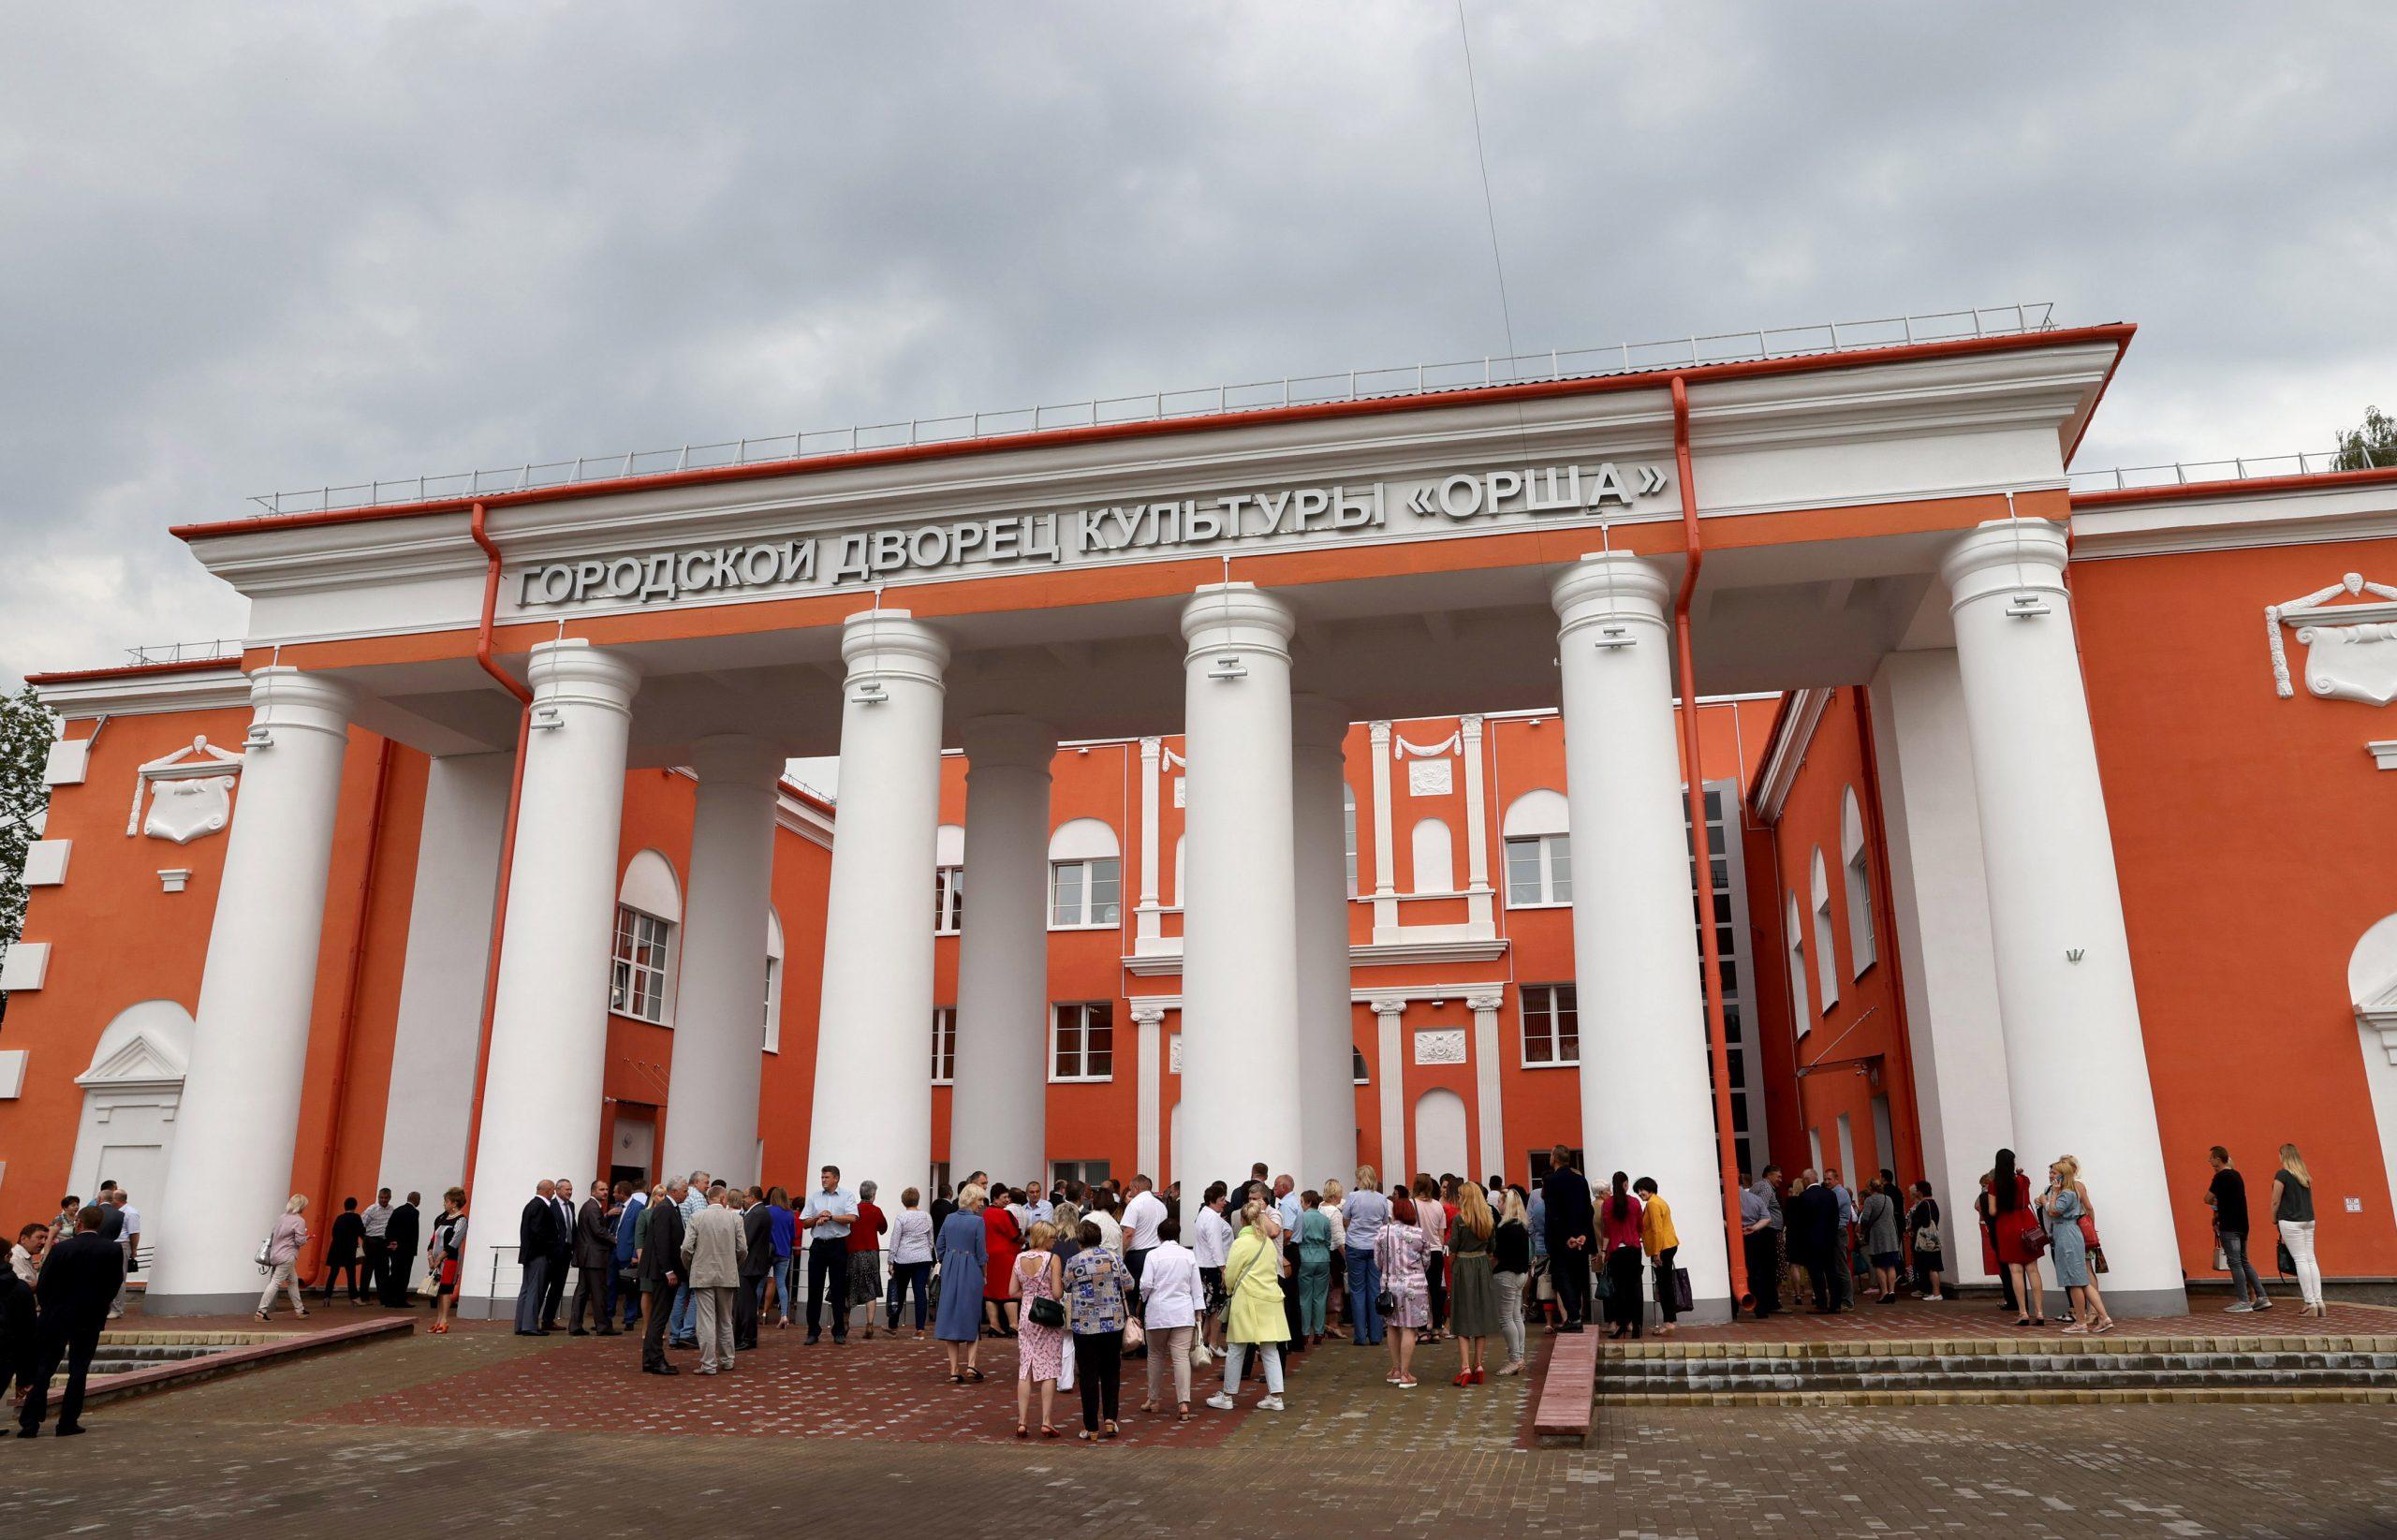 В Орше открылся дворец культуры после реконструкции